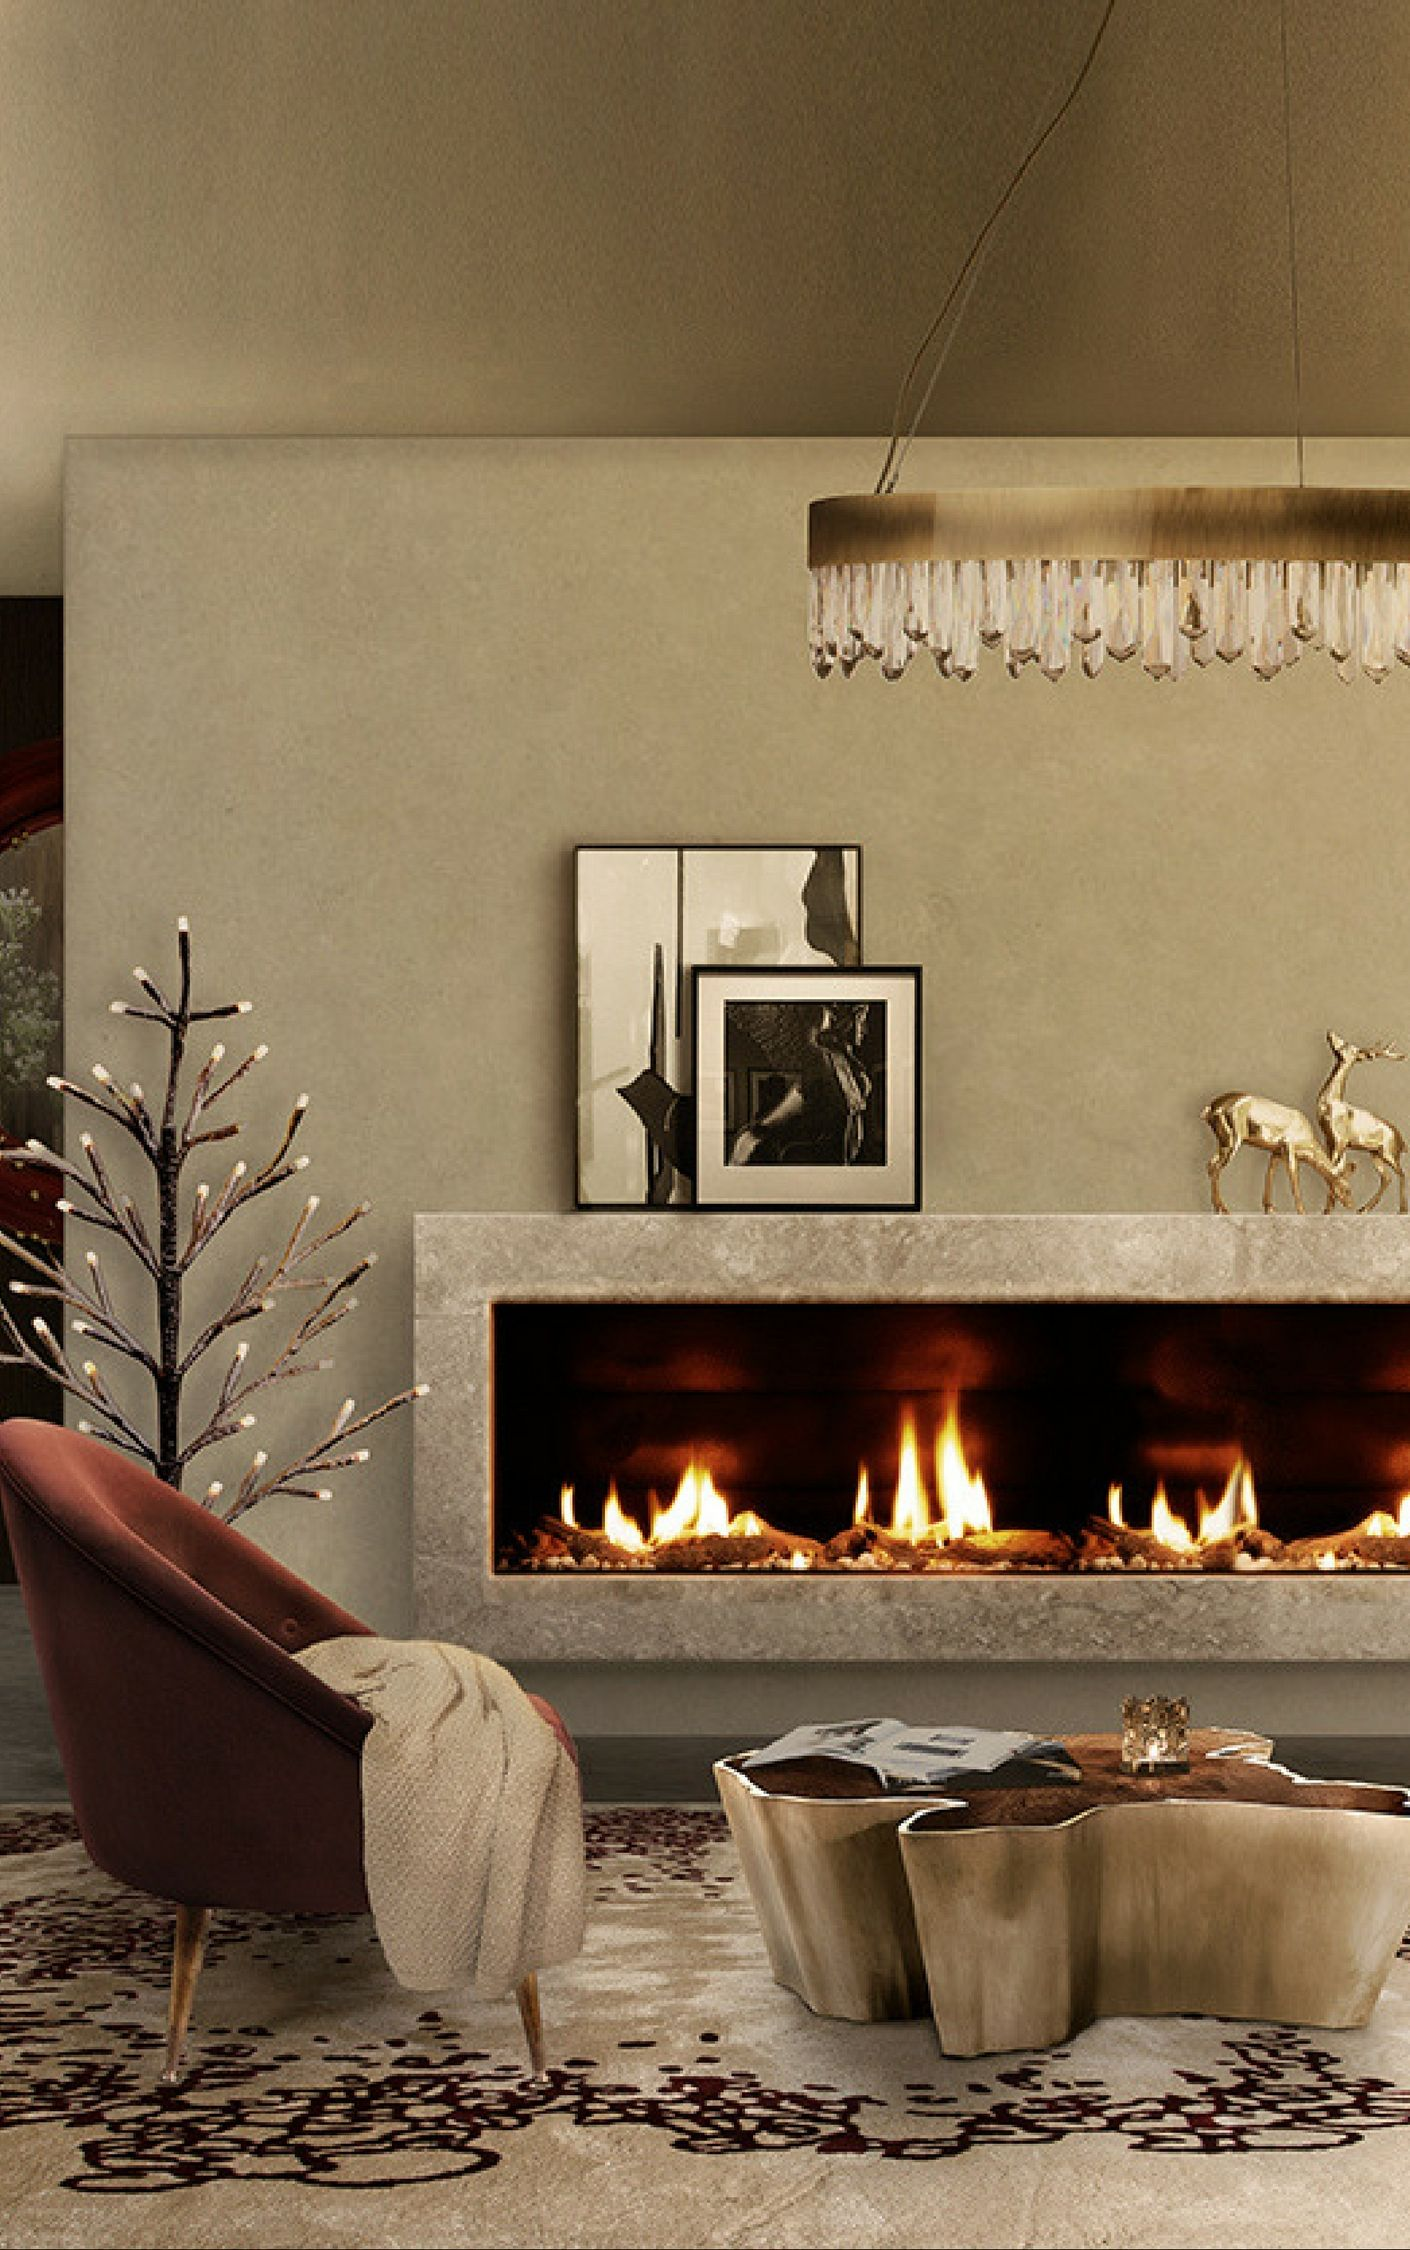 Wohnzimmer spiegelmöbel erstaunliches wohnzimmer trendbook  fernsehzimmer spiegel  säule